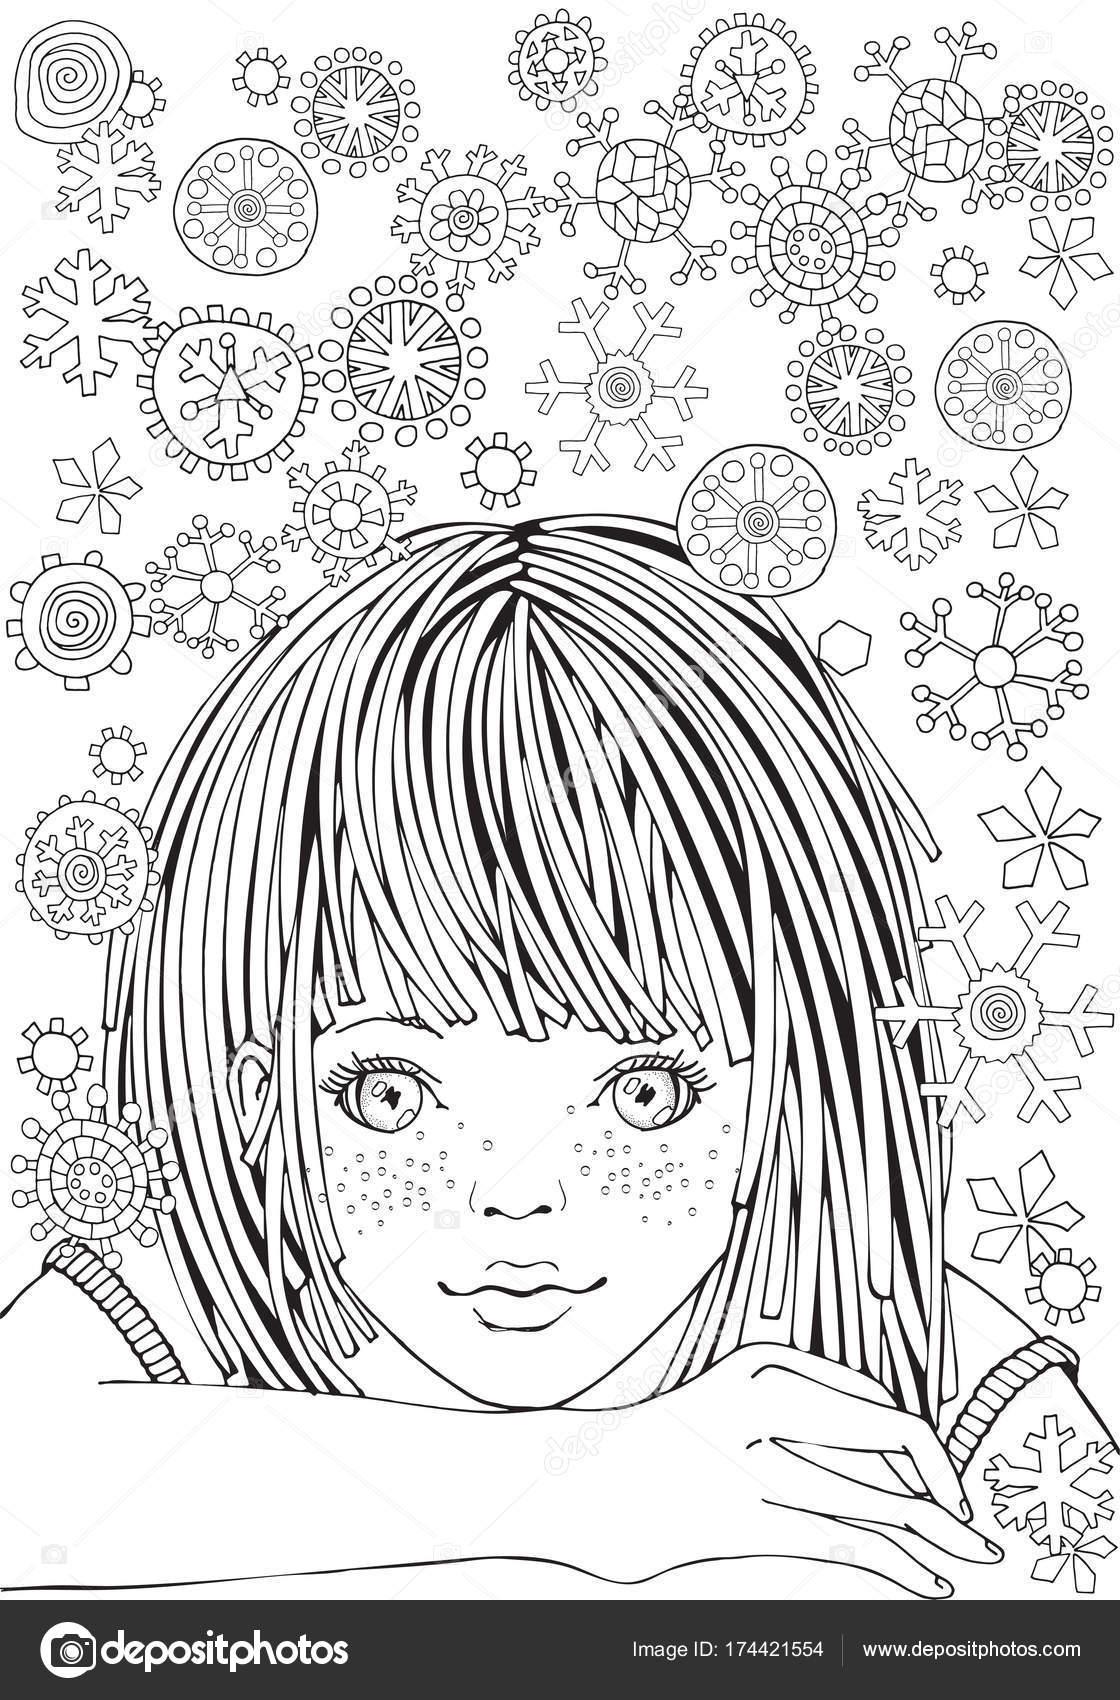 かわいい女の子。大人の塗り絵のパターン\u2013 ストックイラスト